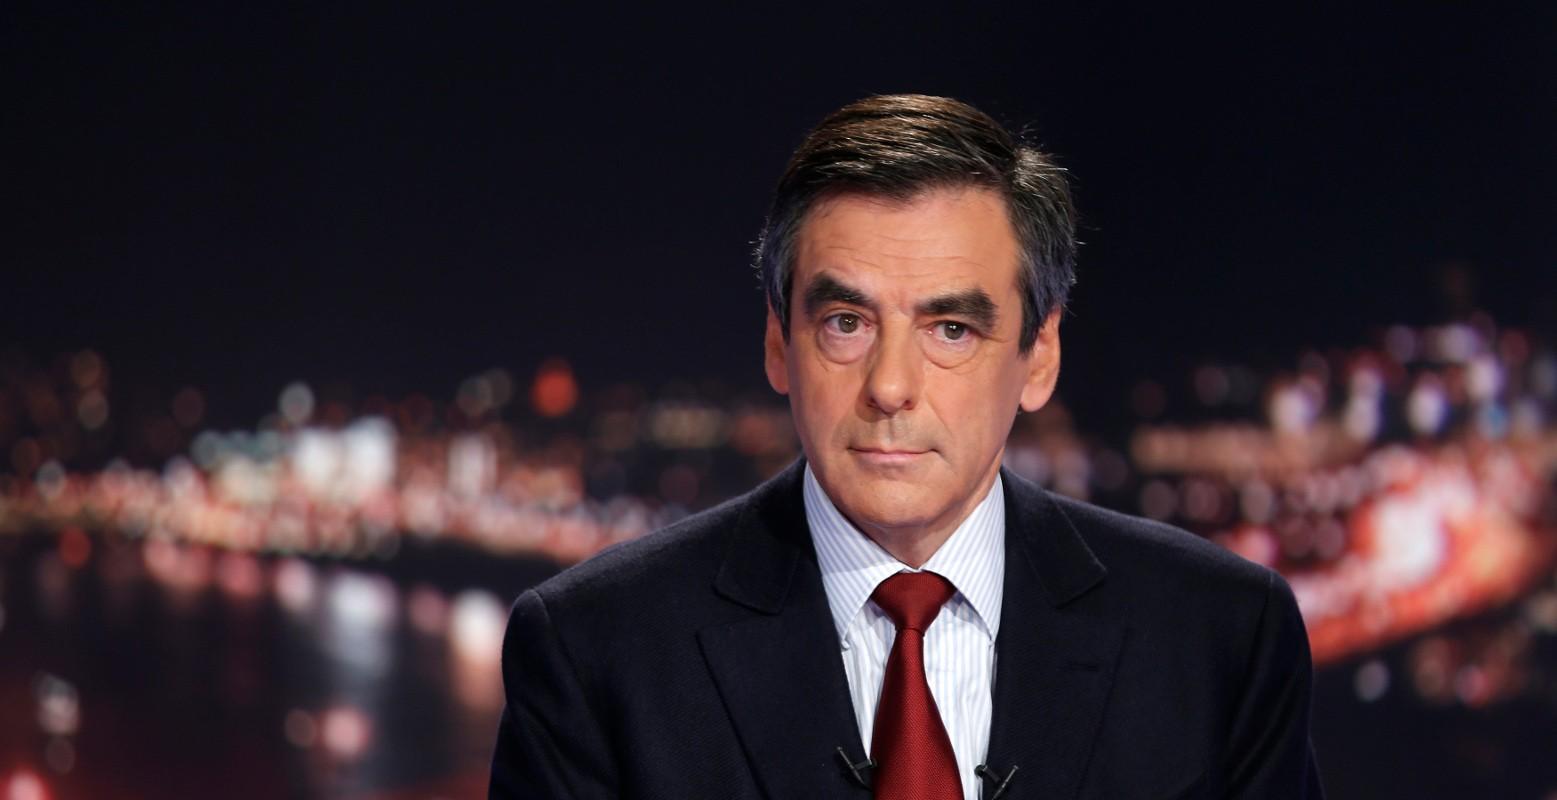 Фийон незадекларировал займ в €50 тыс. — LeCanard Enchaine